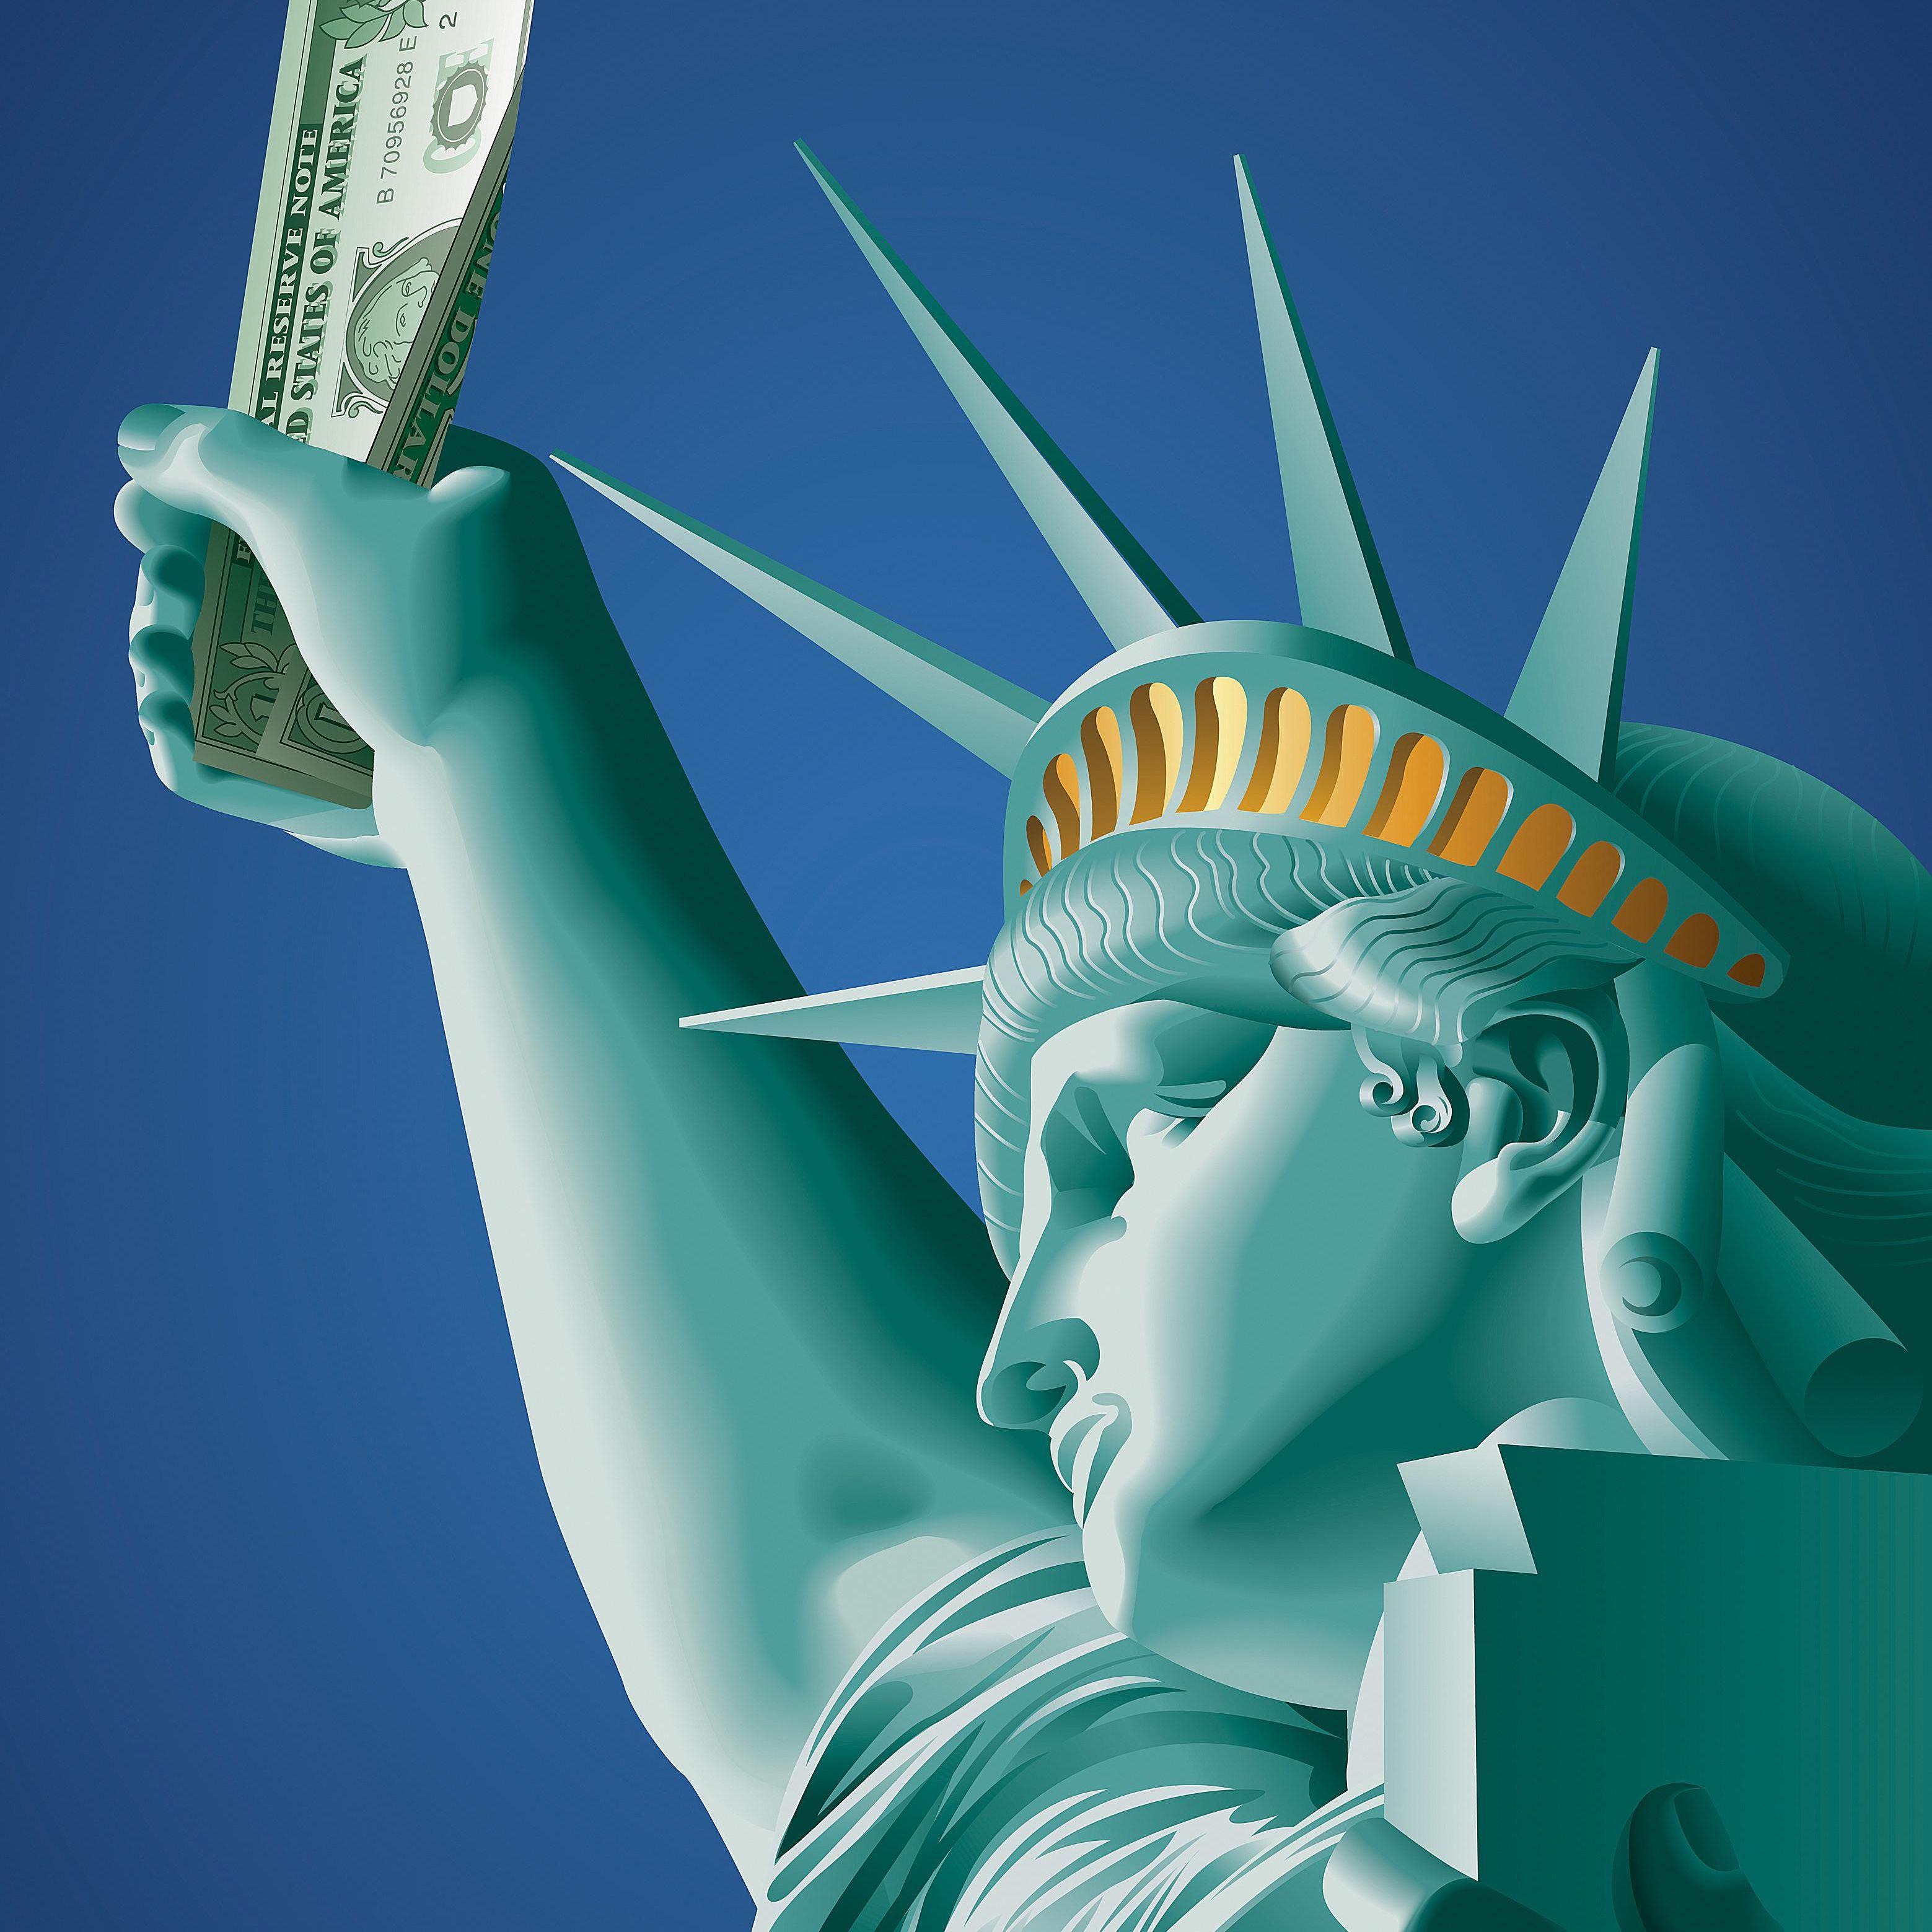 Estatua de la Libertad con un billete de dólar.